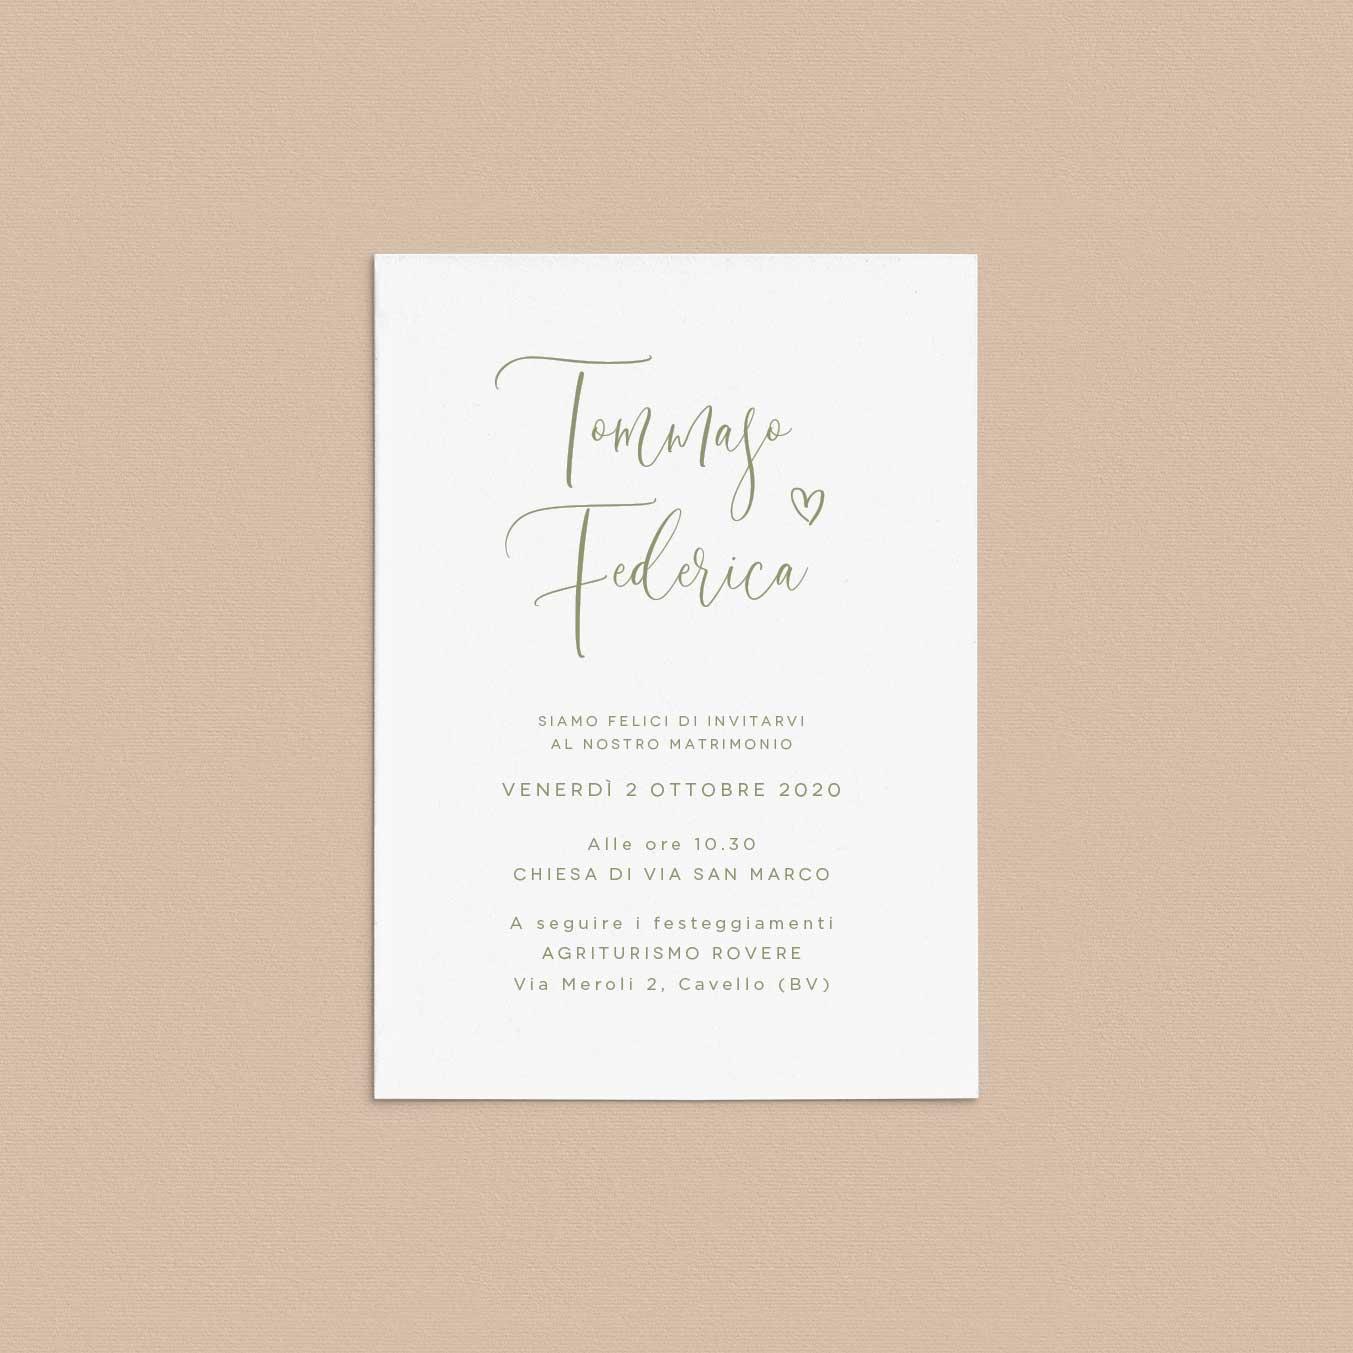 Partecipazioni-di-matrimonio-invito-di-nozze-cuore-calligrafia-calligrafico-Boho-Chic-personalizzate-rustico-moderno